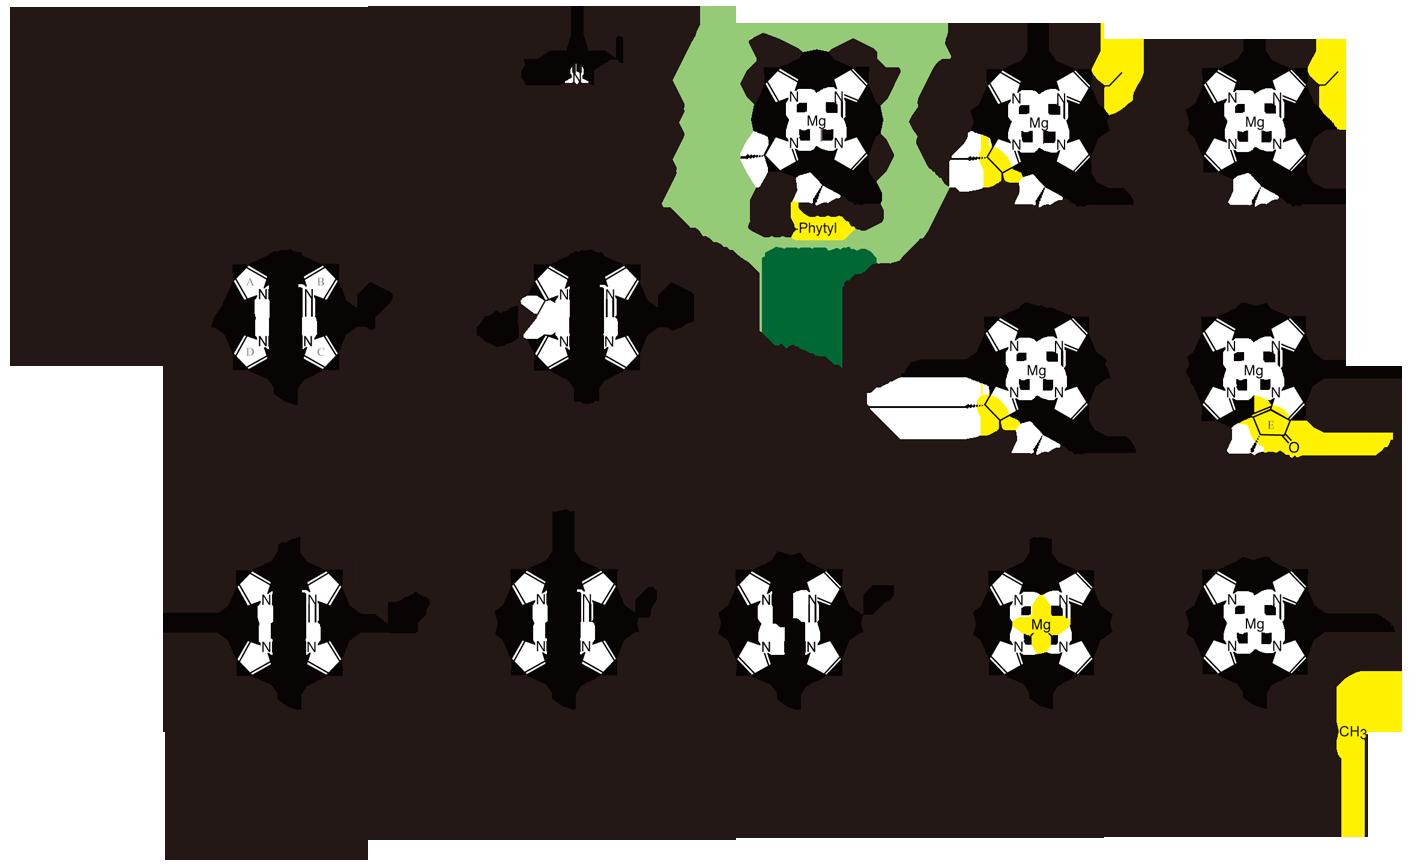 クロロフィルa生合成図hr2.png